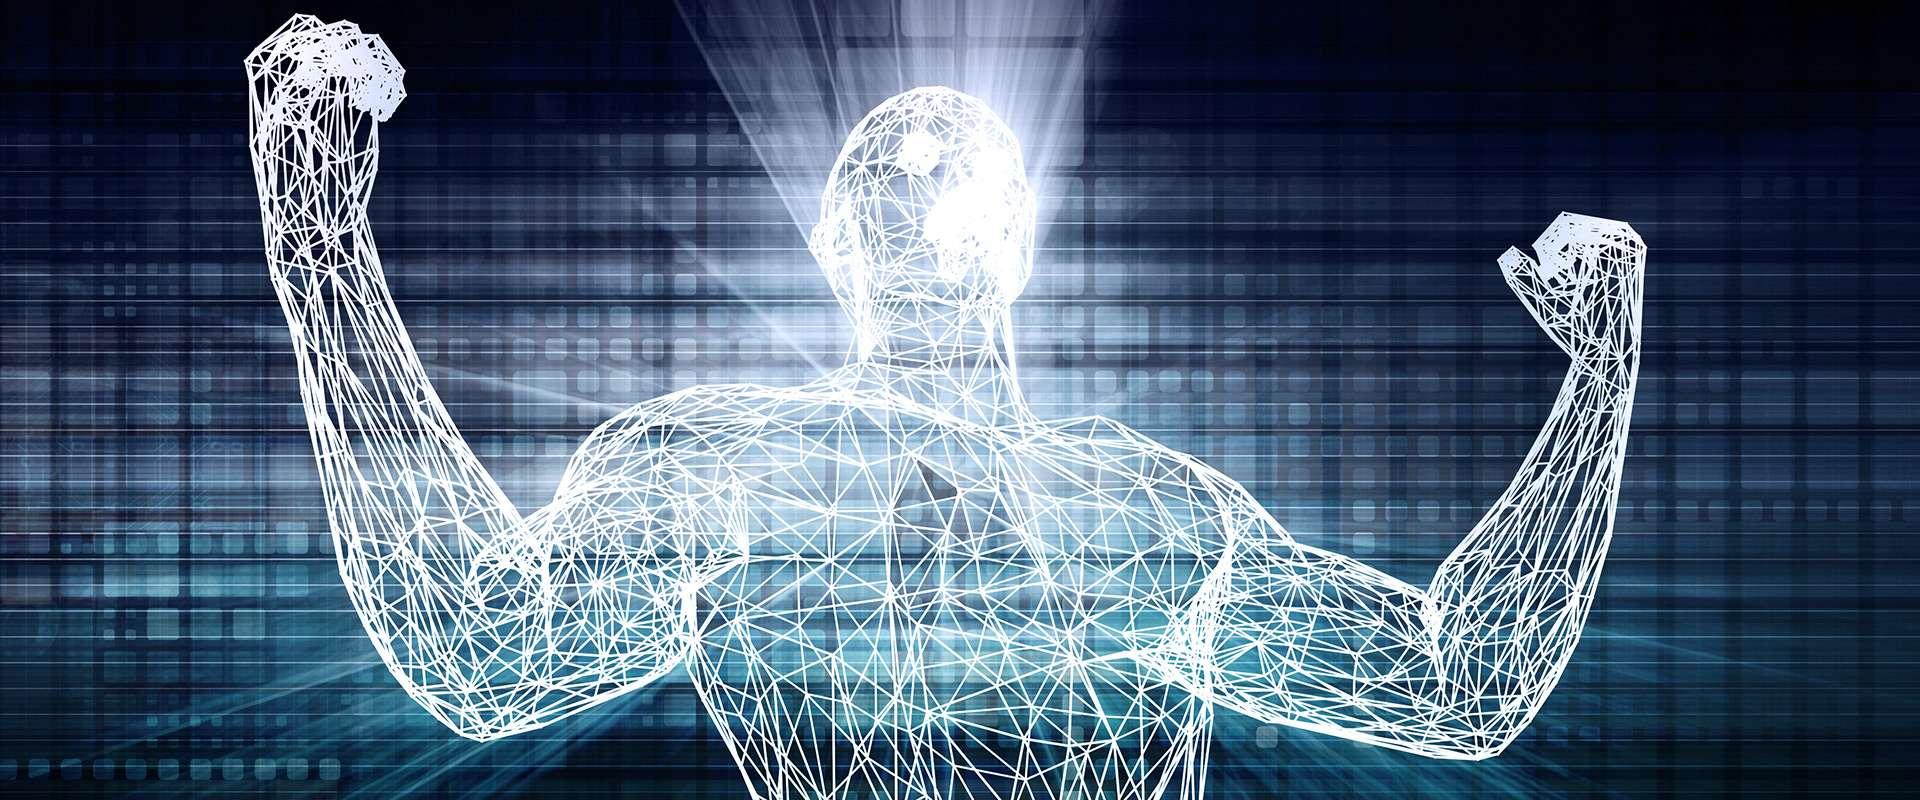 O Homem inteligente aspira por mudanças; o sábio, por evolução!